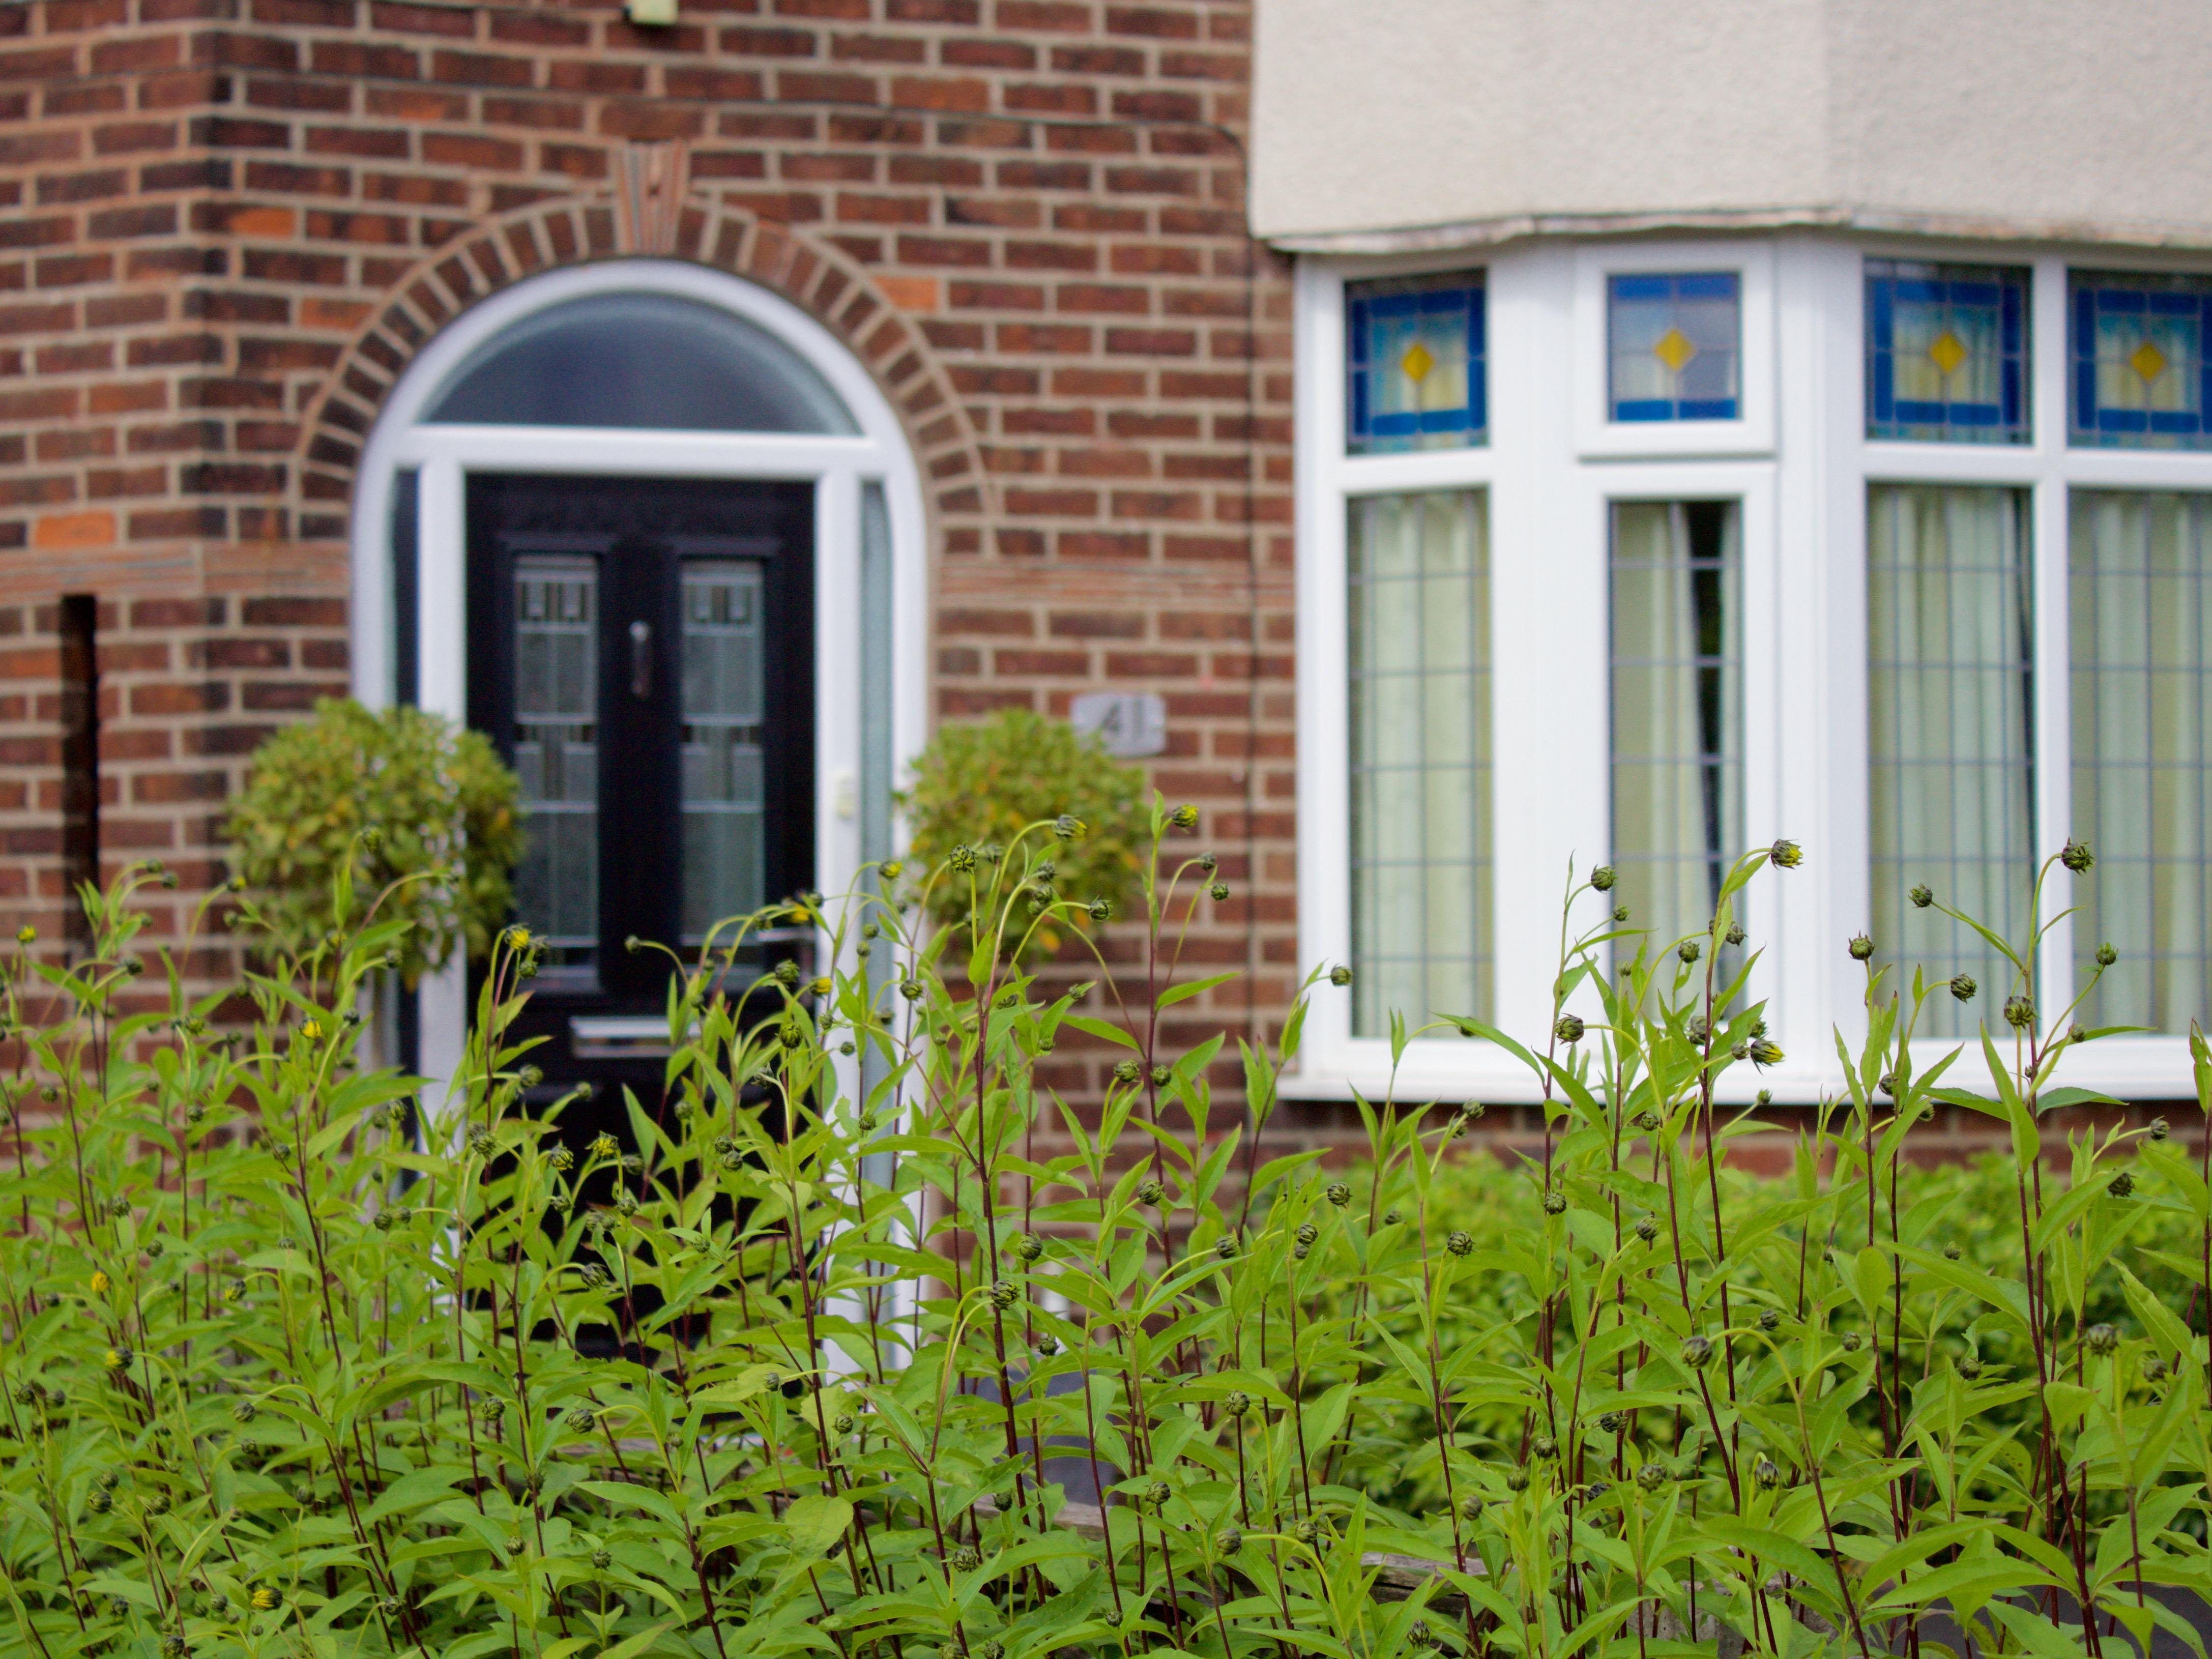 manchester cheshire garden driveway design 7manchester, cheshire, garden, driveway, landscape, design, hale, bowdon, knutsford, didsbury, chorlton, wilmslow, alderley edge, macclesfield, chester, modern, contemporary